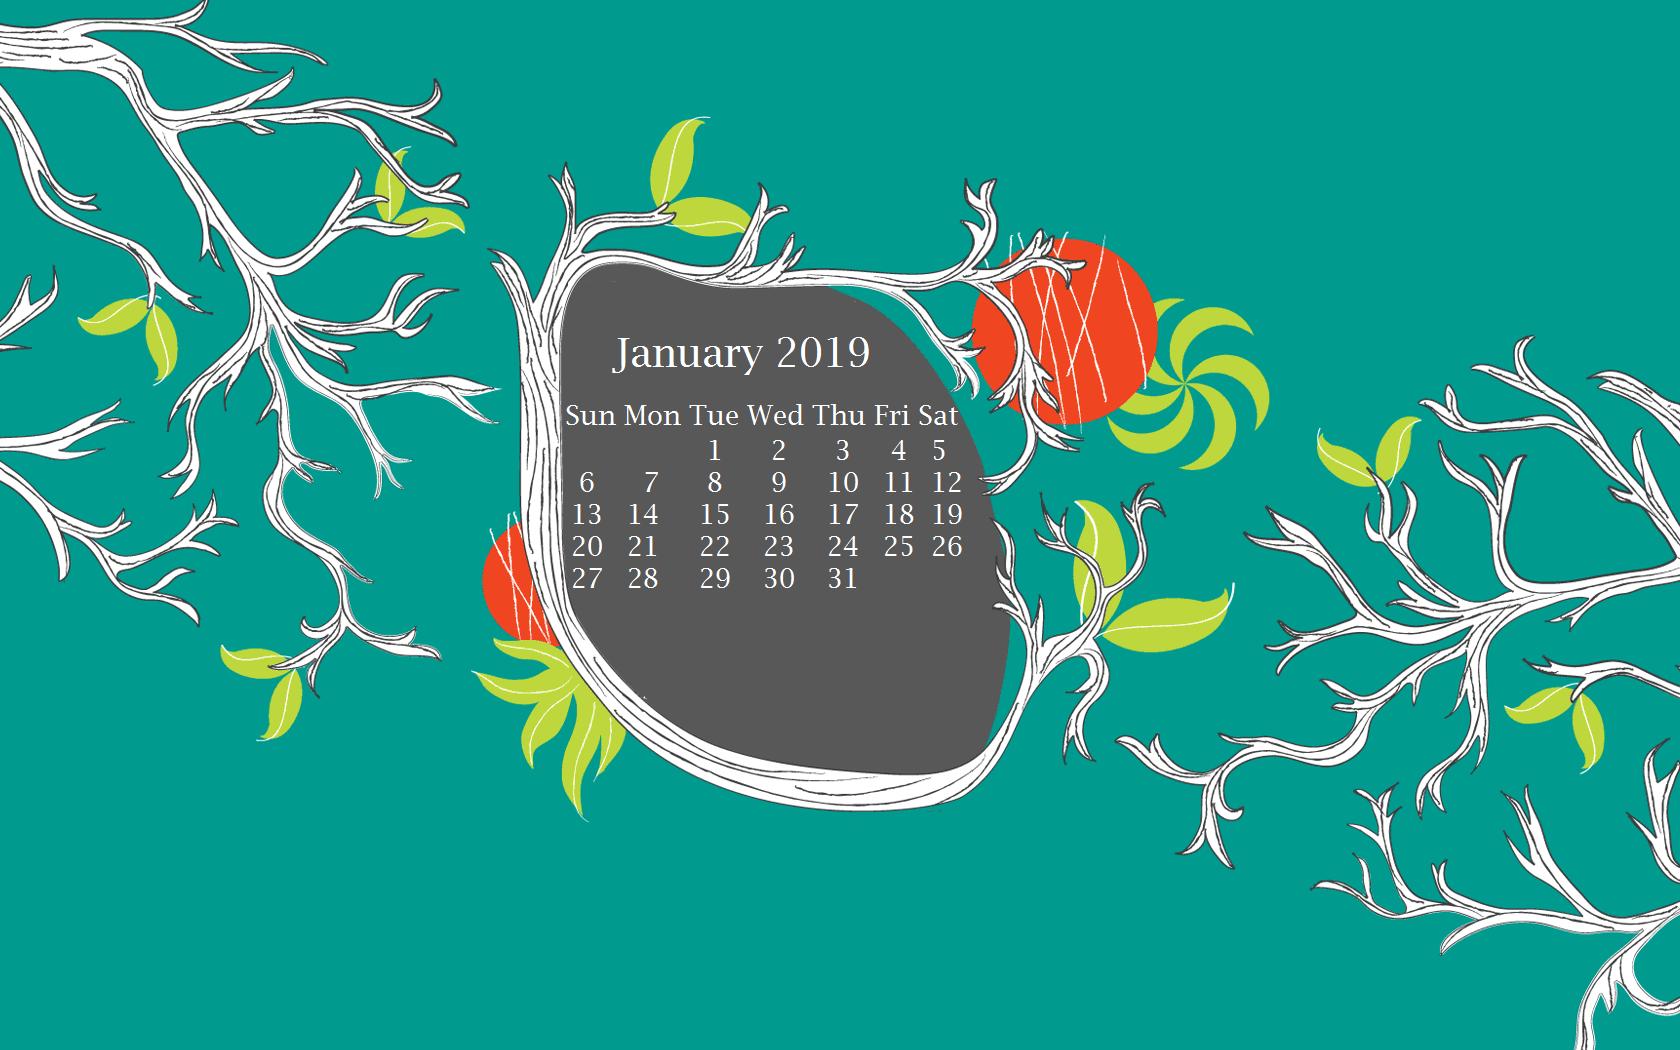 January 2019 Desktop Calendar Wallpaper Calendar 2018 1680x1050